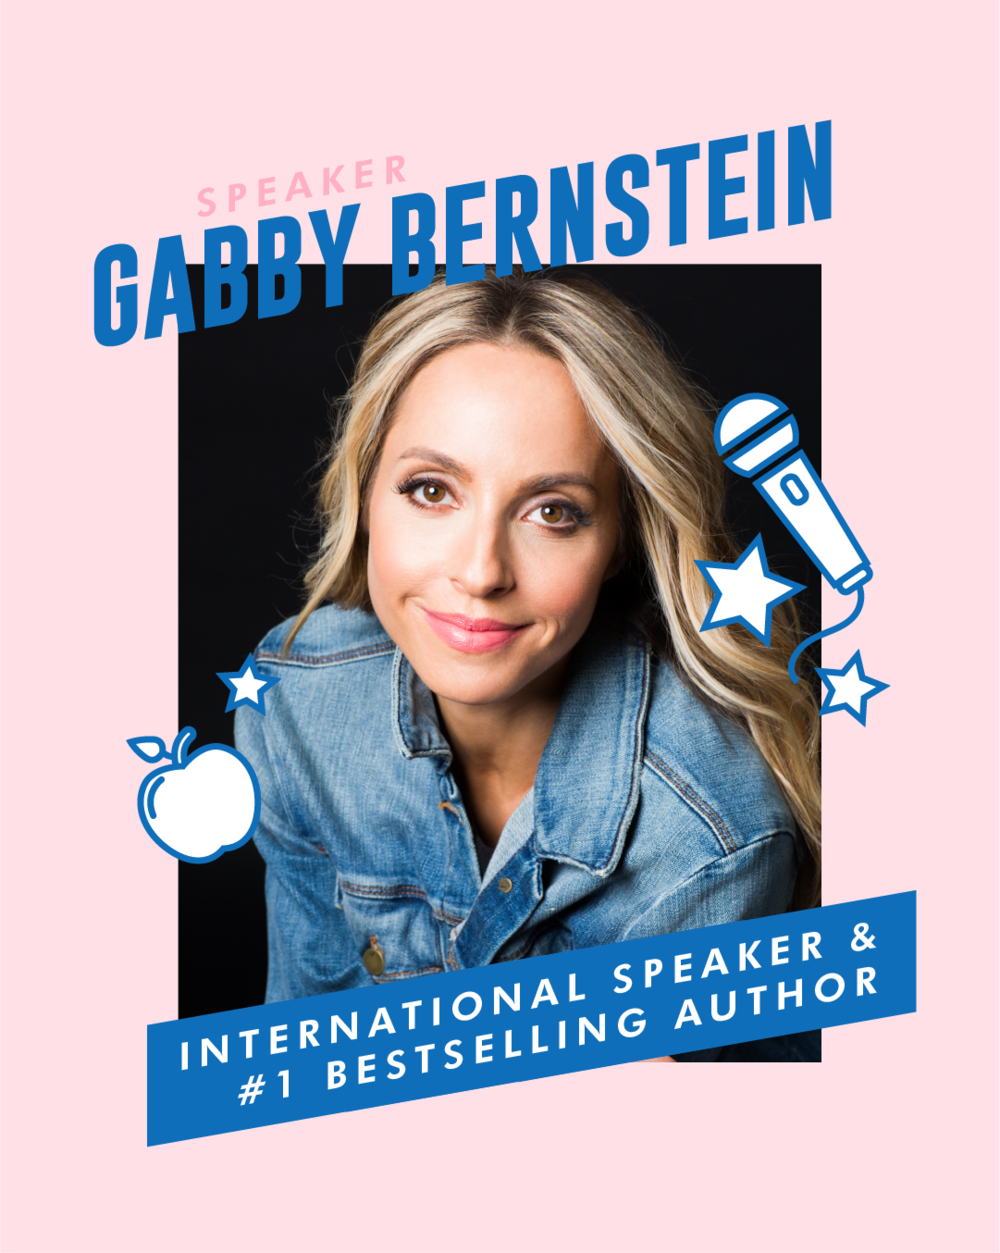 CCNYC_Speaker_GabbyBernstein.png